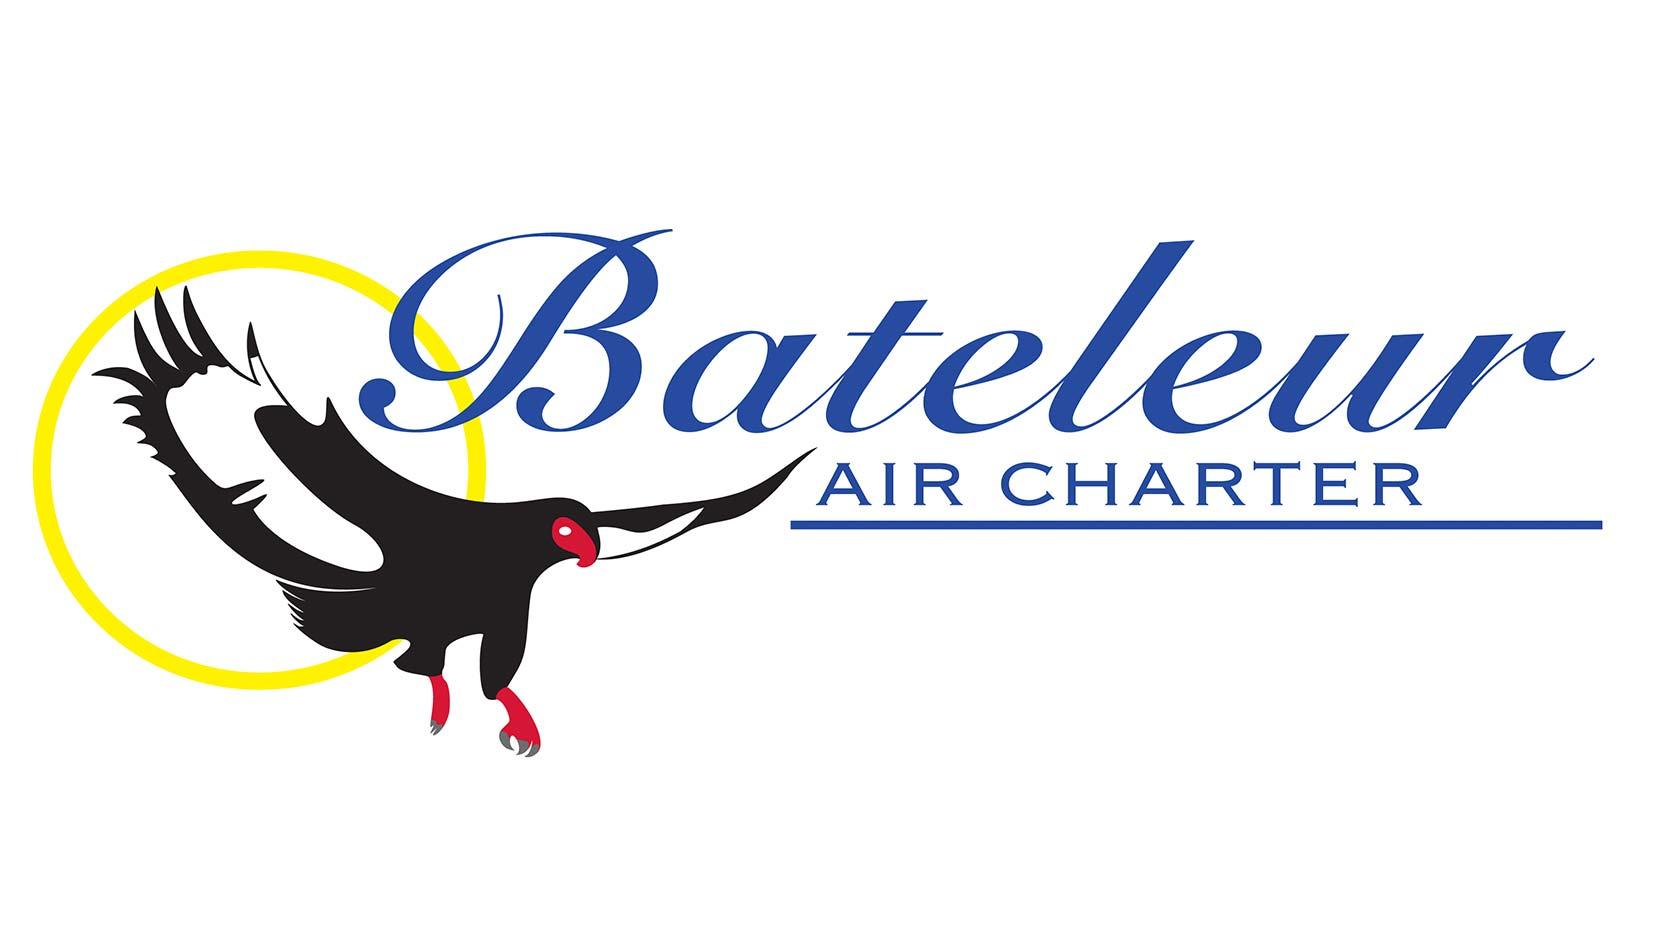 Bateleur Air Charter